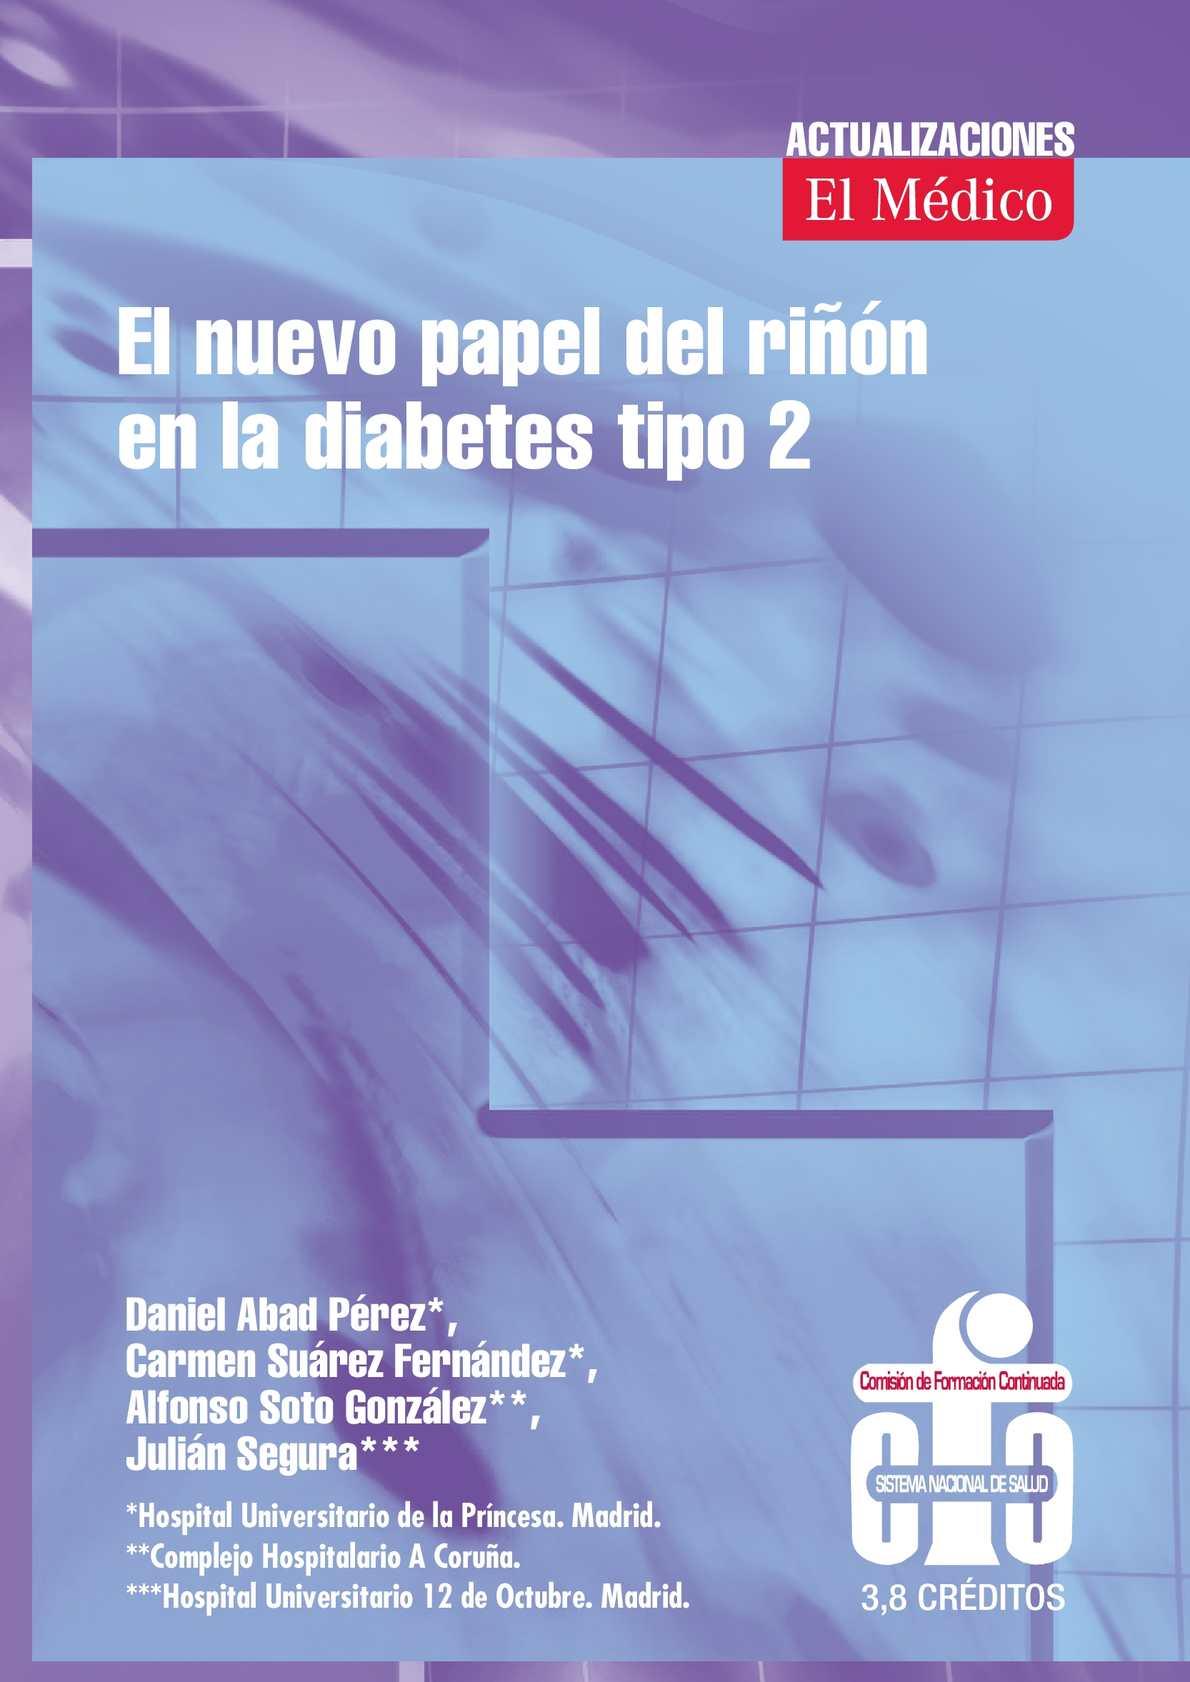 manejo de la diabetes tipo 2 en jóvenes una actualización